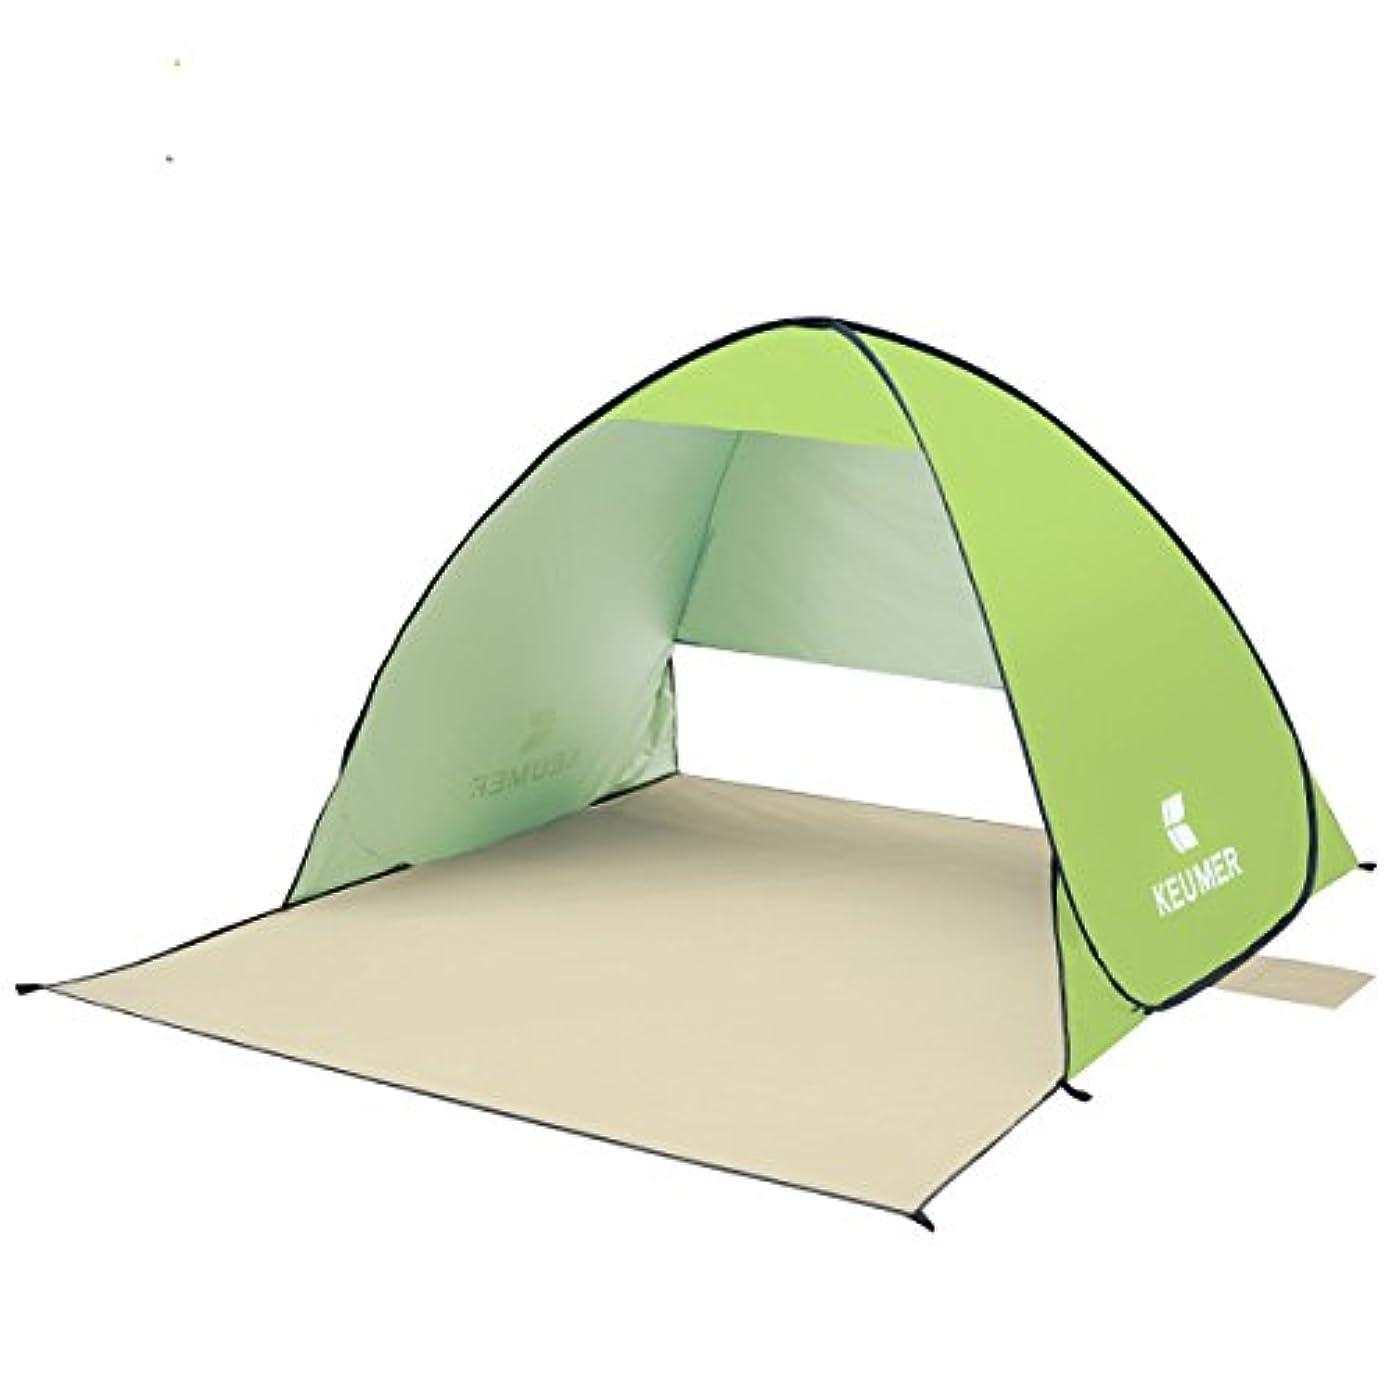 器官ショットではごきげんようHkkint 家族のピクニックキャンプテント自動テント折りたたみ簡単にインストール大スペース抗紫外線構造安定 (Color : 2)